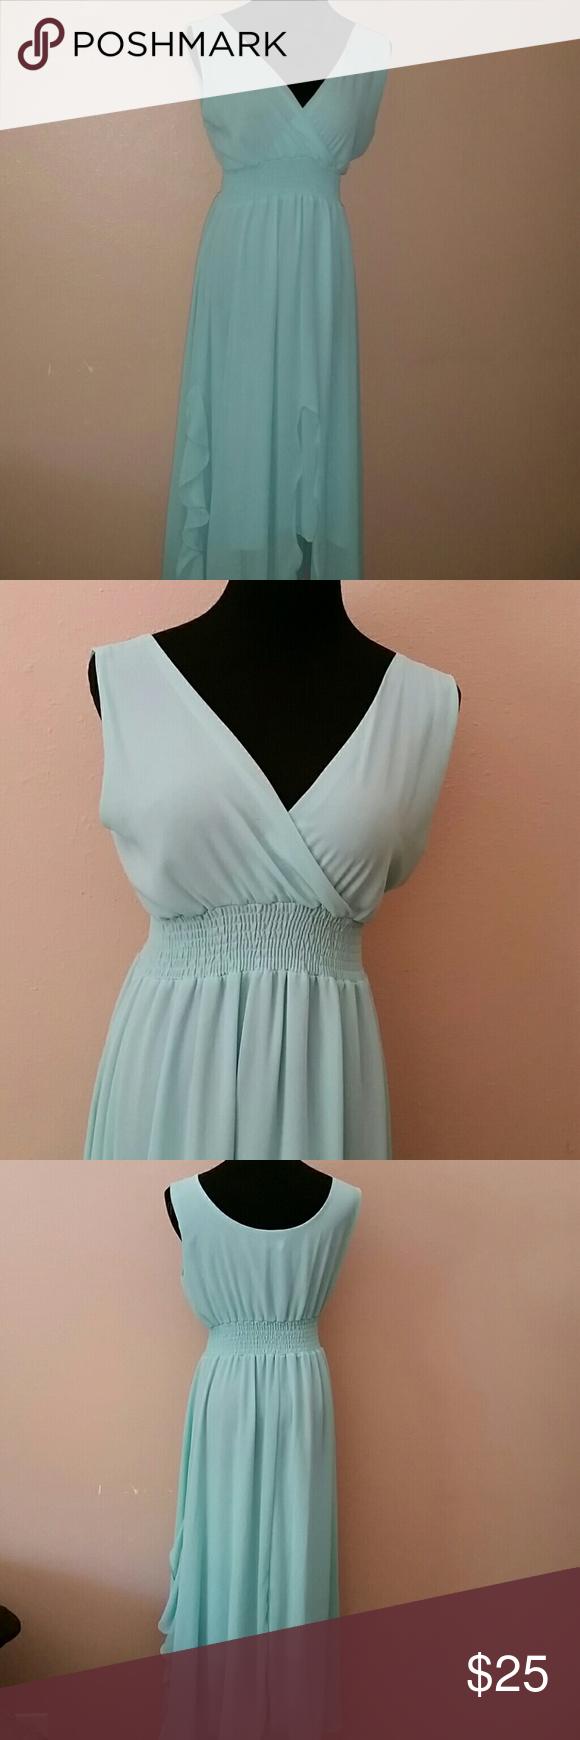 Light blue chiffon dress Light blue chiffon dress size medium Melina Fashion Dresses Maxi